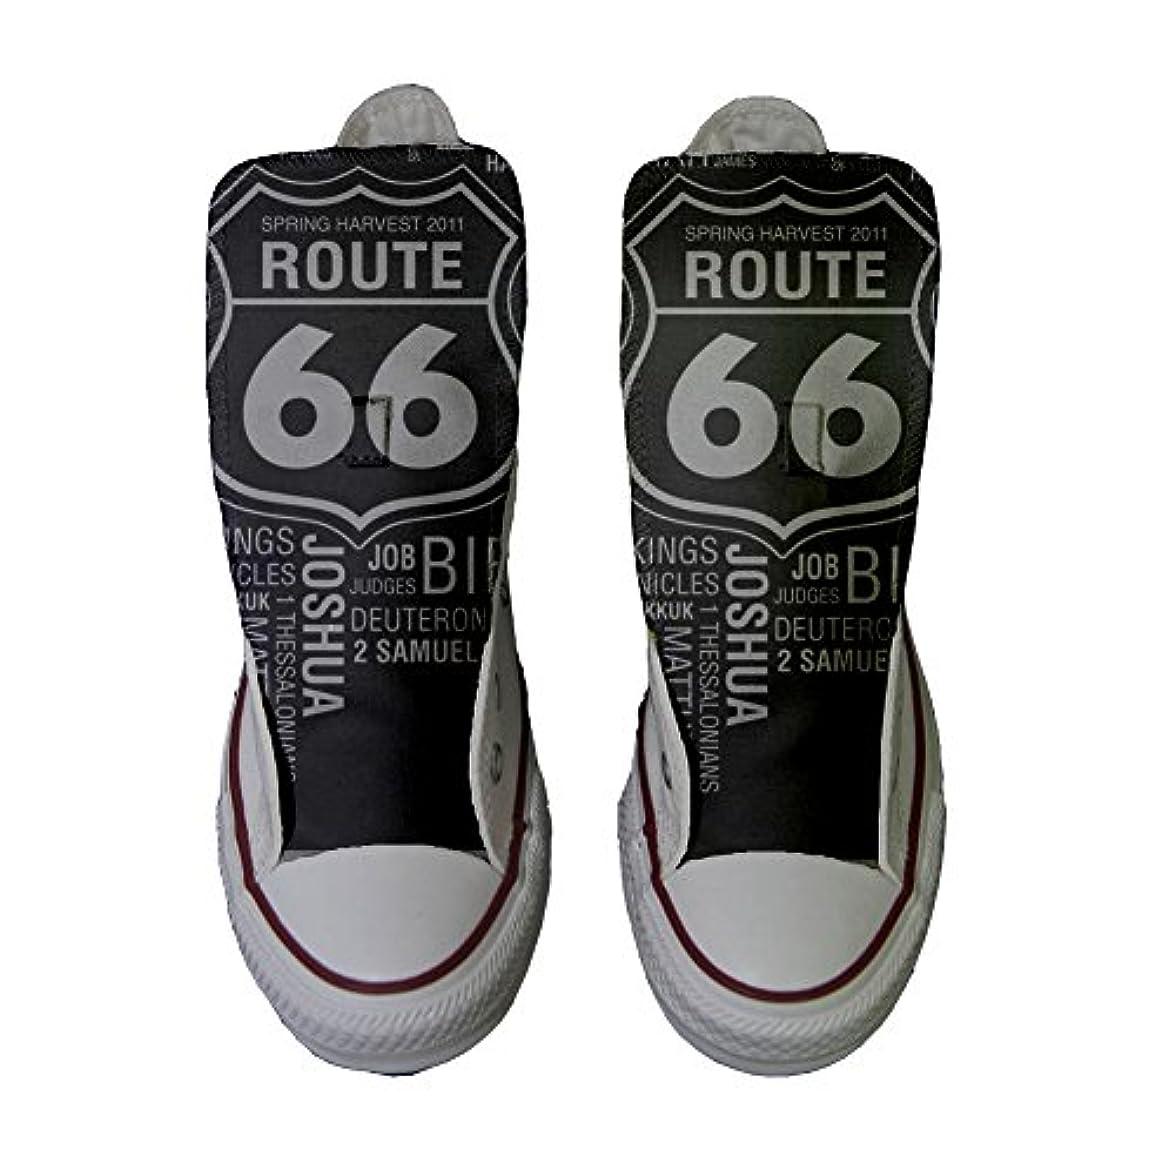 Converse Personalizzate All Star Hi Canvas Sneaker Unisex prodotto Artigianale Route 66 Black - Tg38